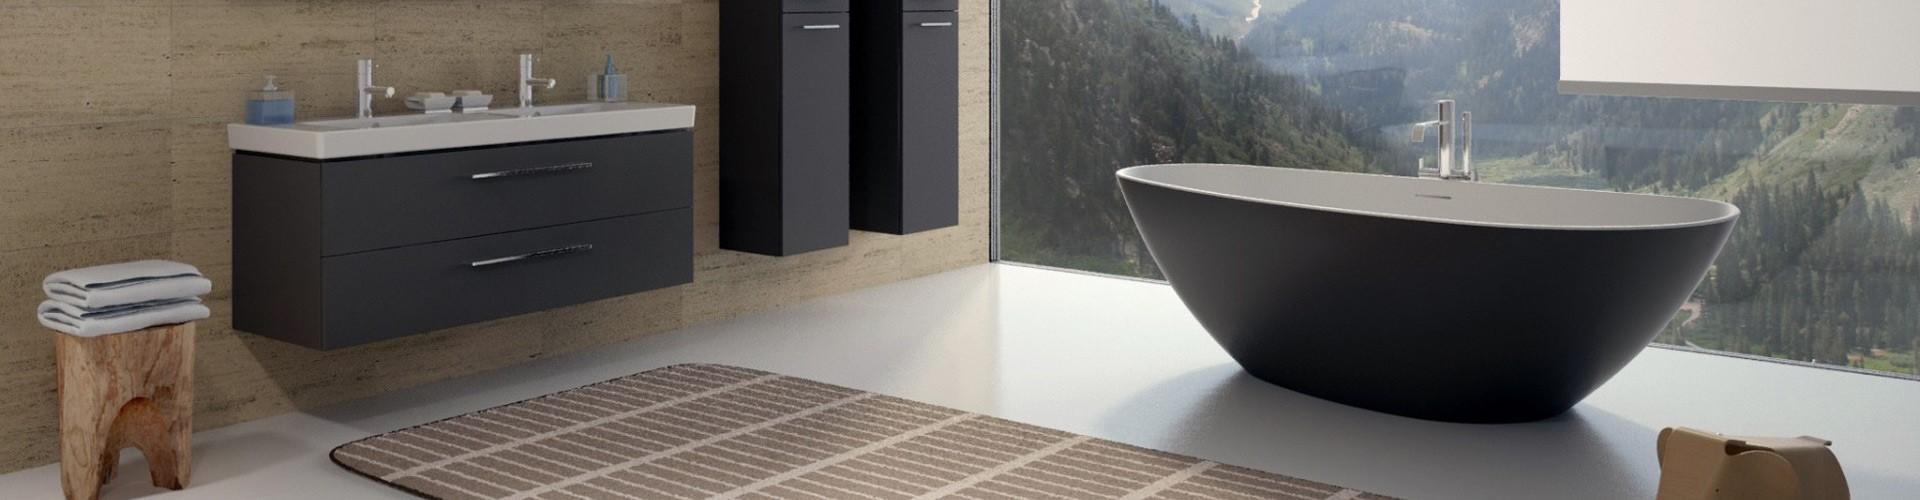 badewanne leonardo 2 badewell. Black Bedroom Furniture Sets. Home Design Ideas